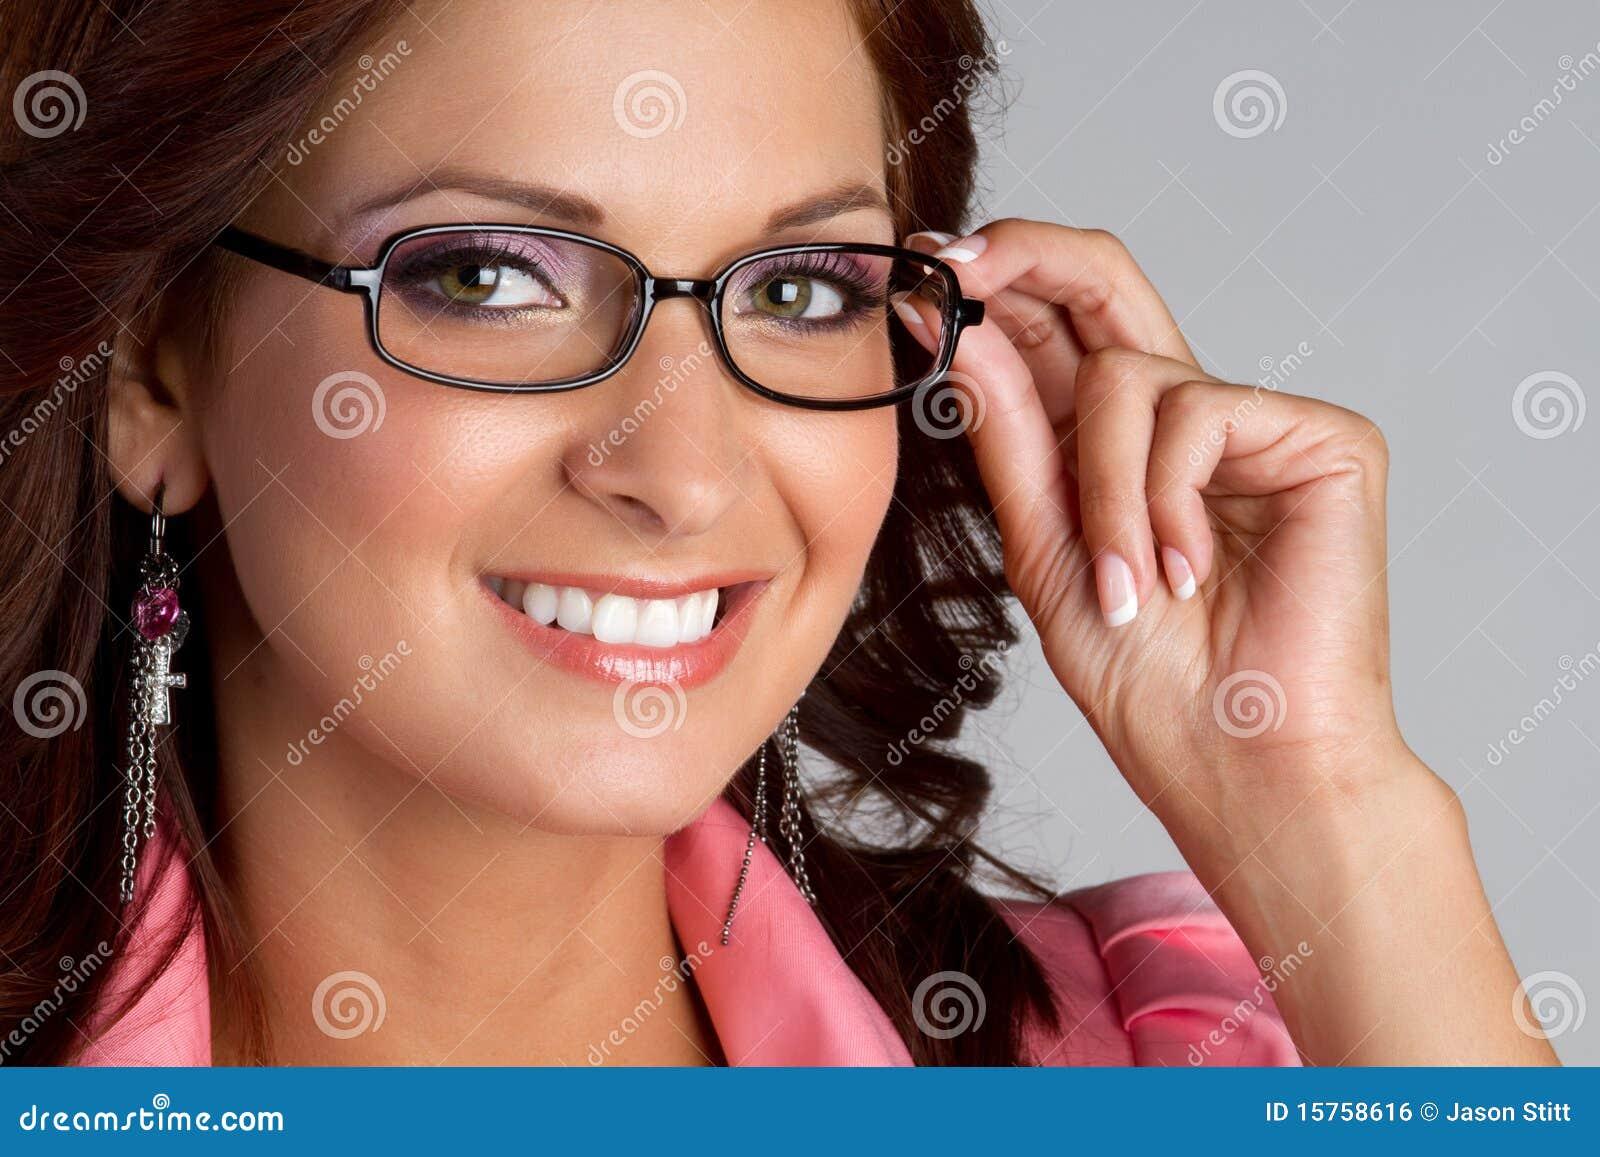 Фото разработанного женского очка 13 фотография